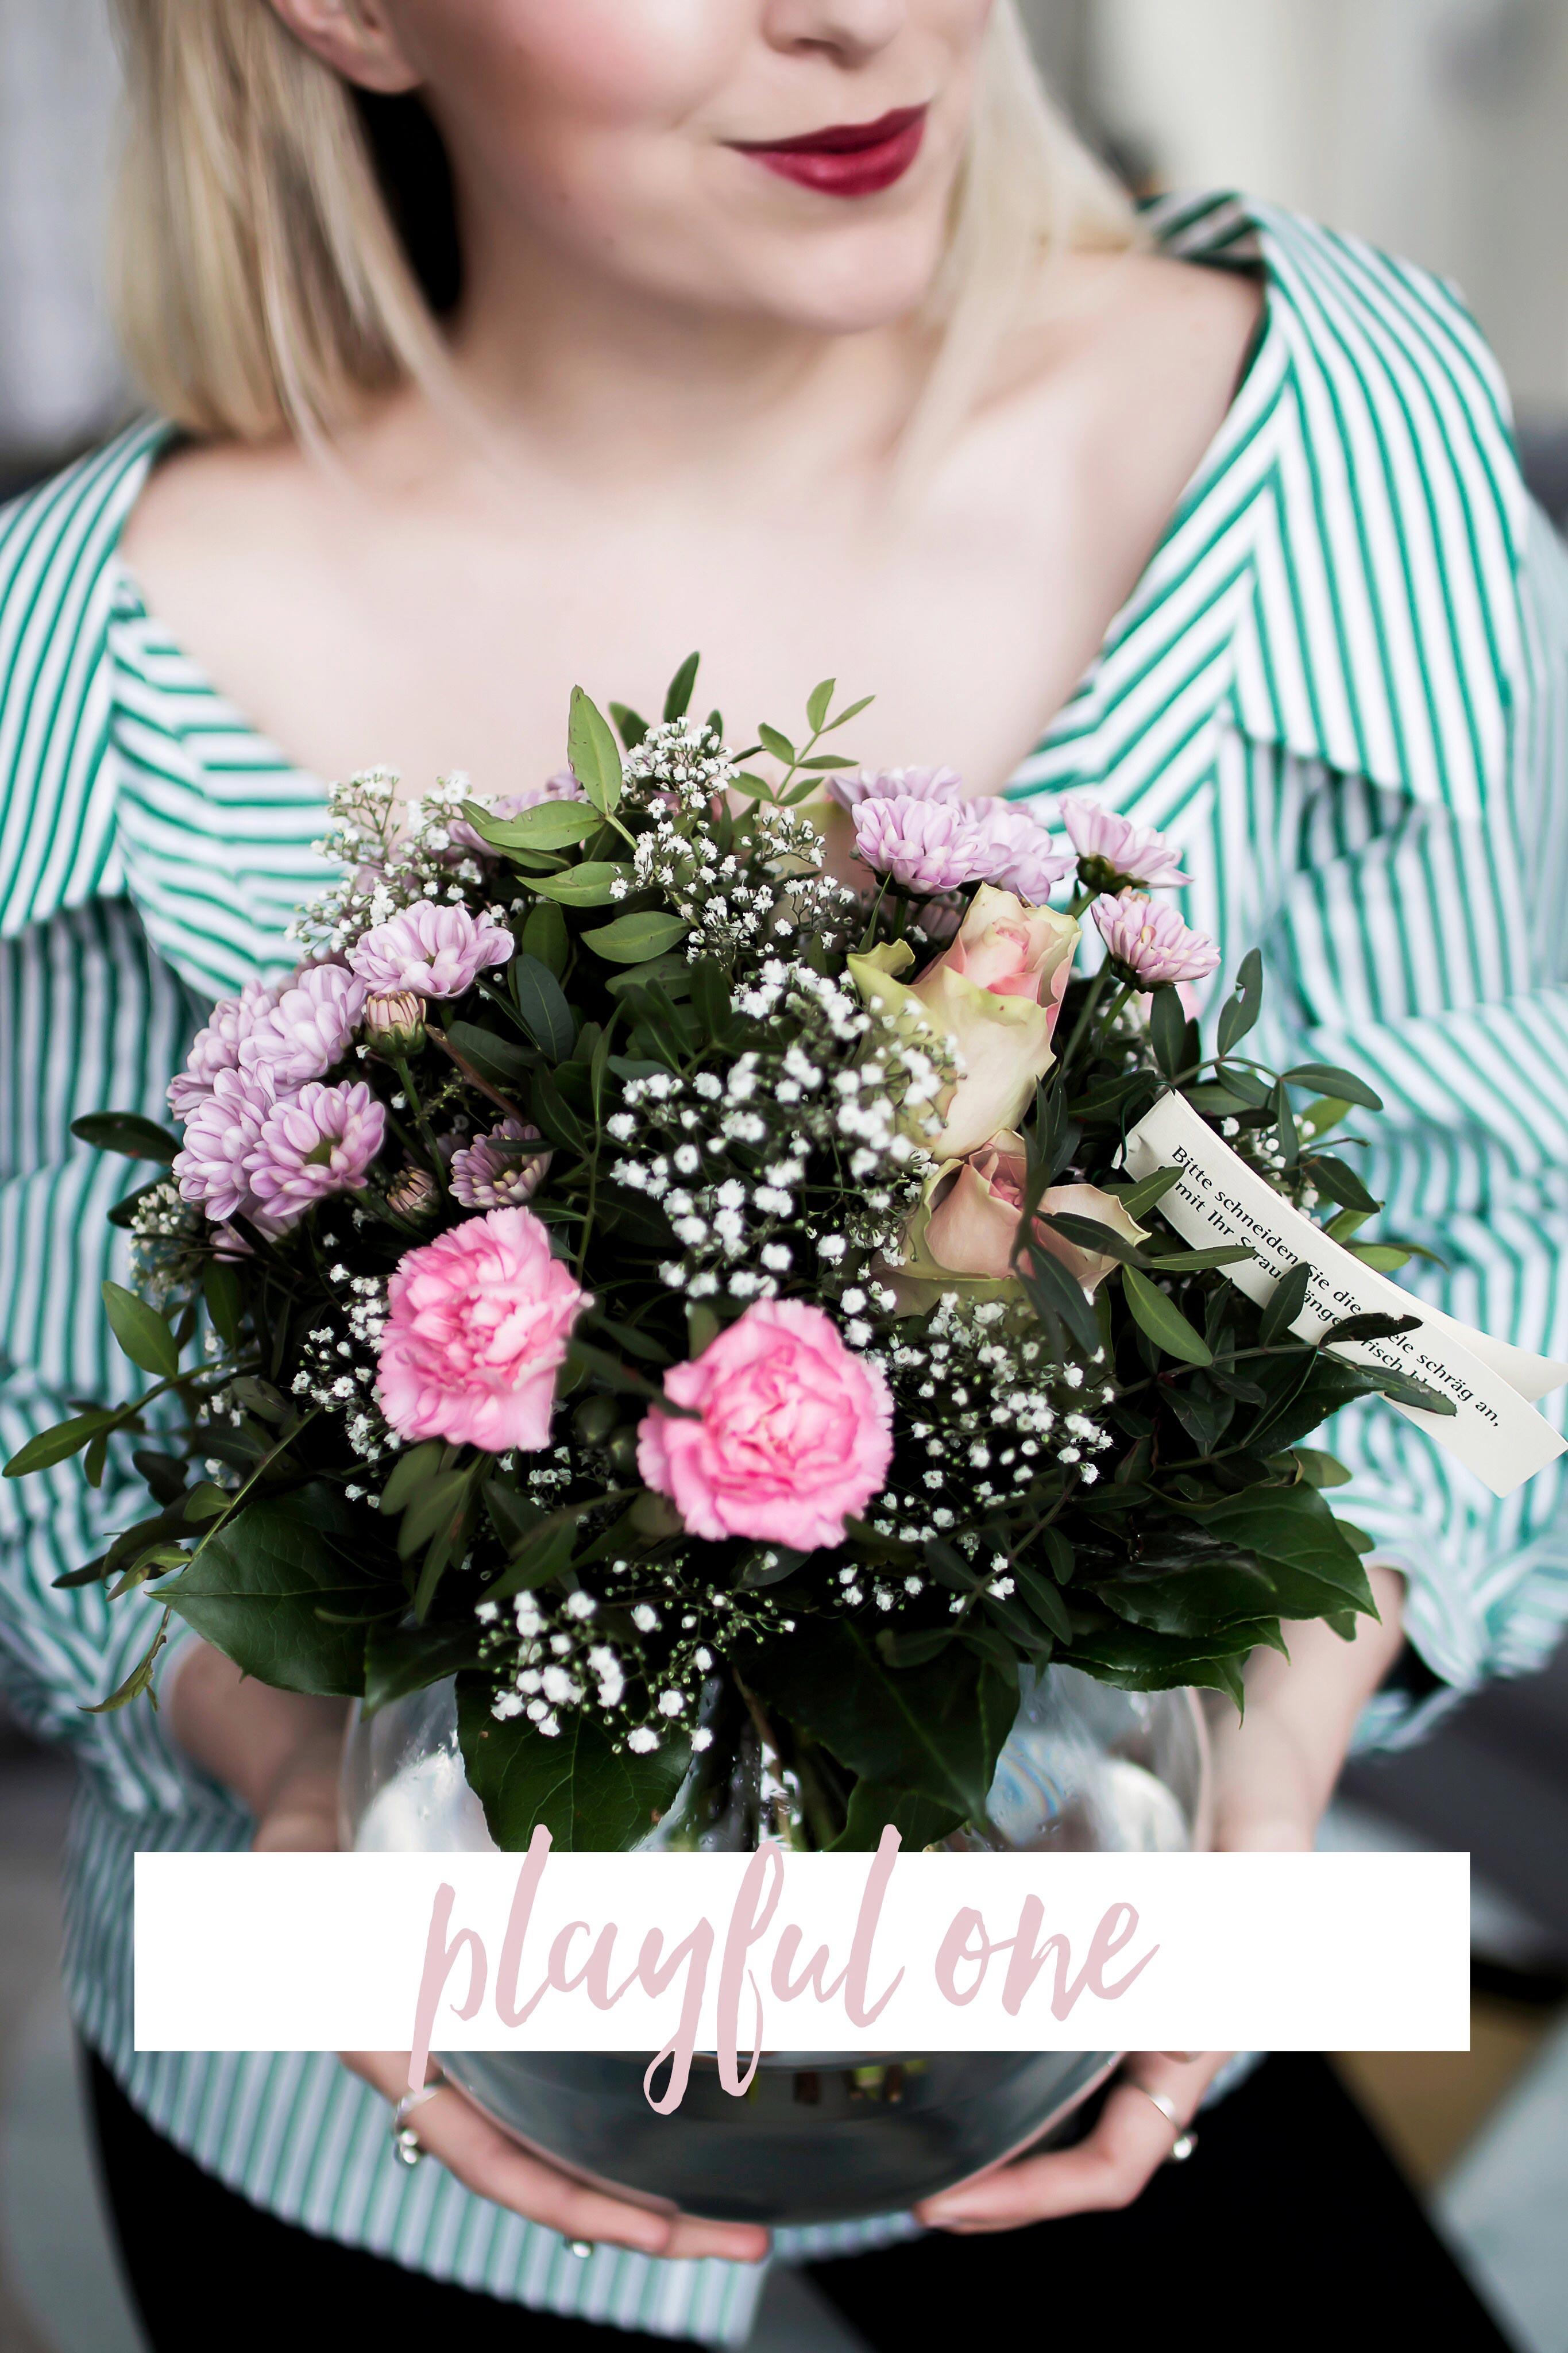 What Is Your Bouquet Der Kleine Blumenstrauss Knigge Zukkermadchen